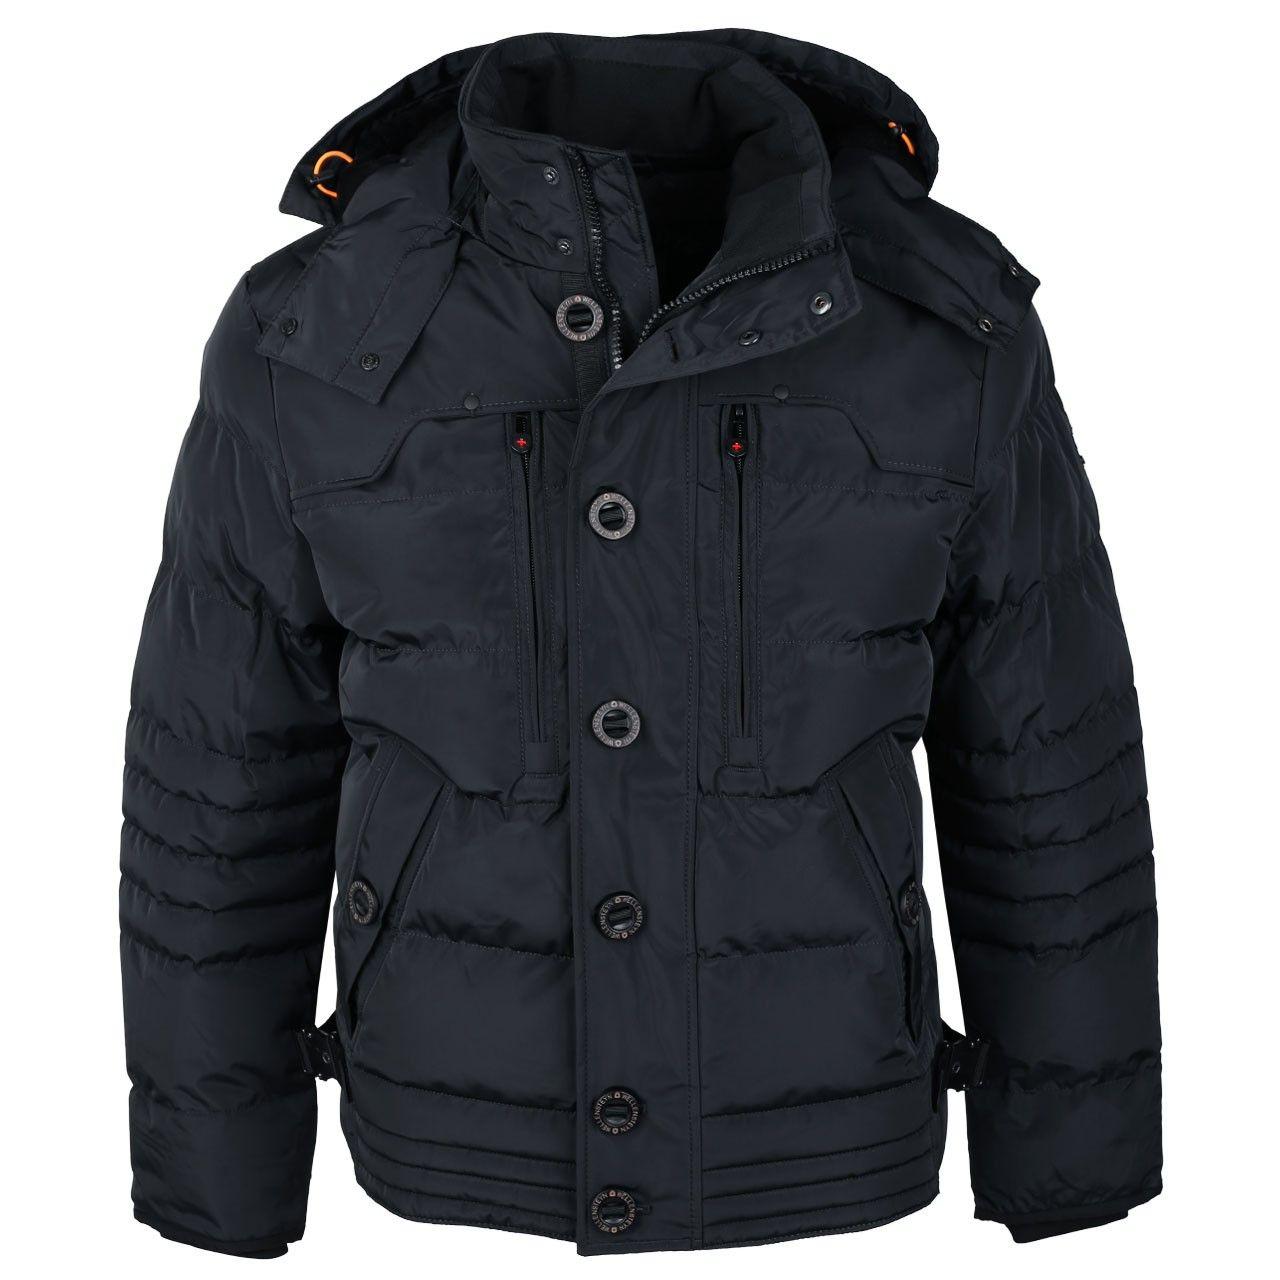 Wellensteyn Stardust Herren Jacke Darknavy 04048545138600 Mode Herrenmode Modefurherren Mannermode Herrenou Men S Coats Jackets Jackets Winter Jackets